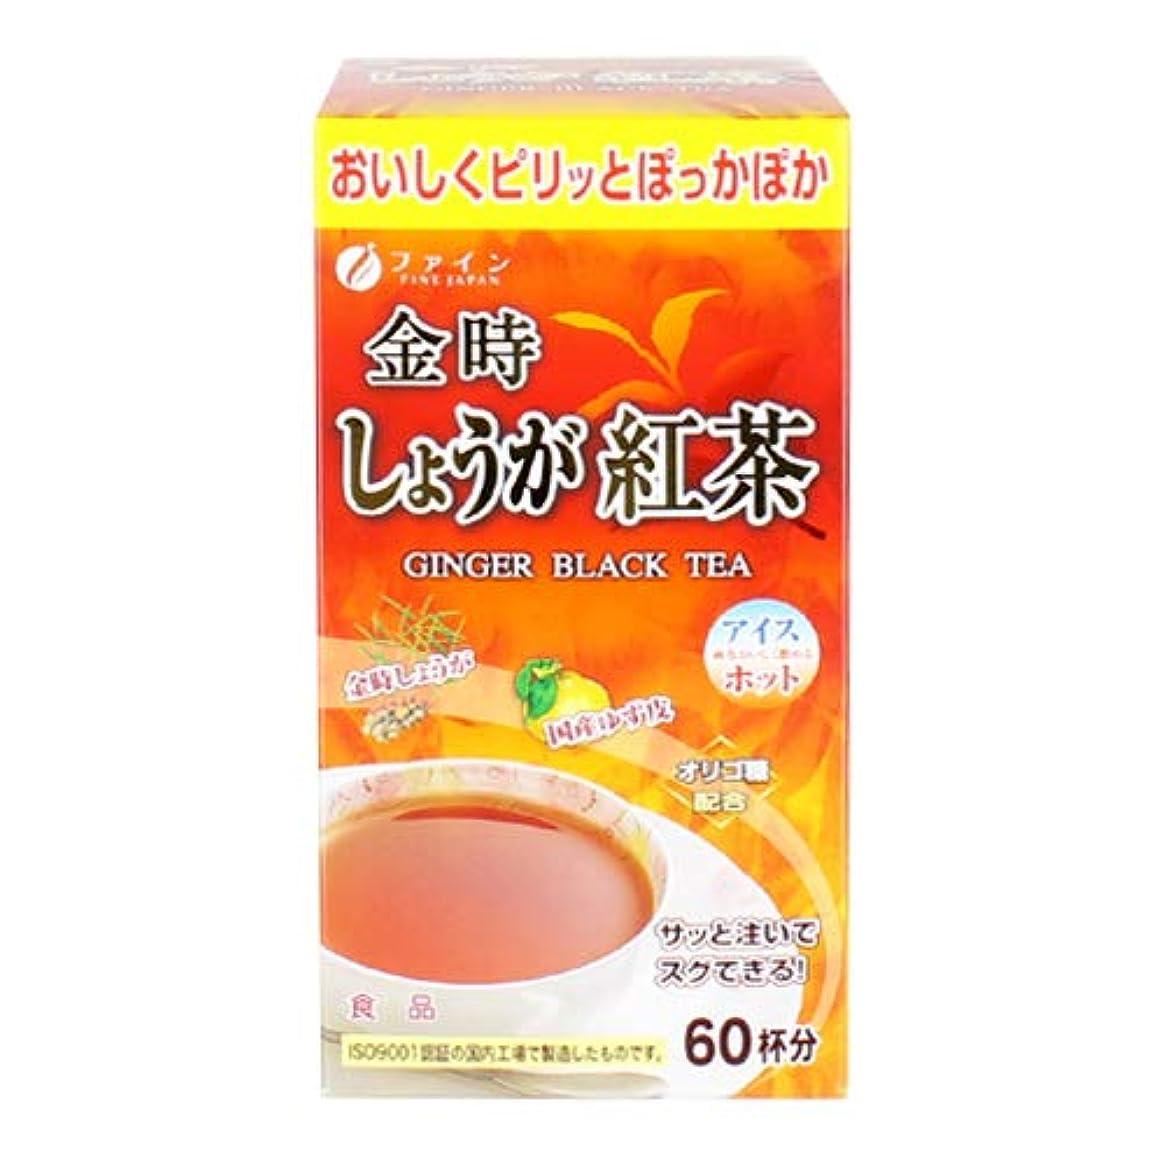 破壊未亡人苦ファイン しょうが紅茶 【30箱組】